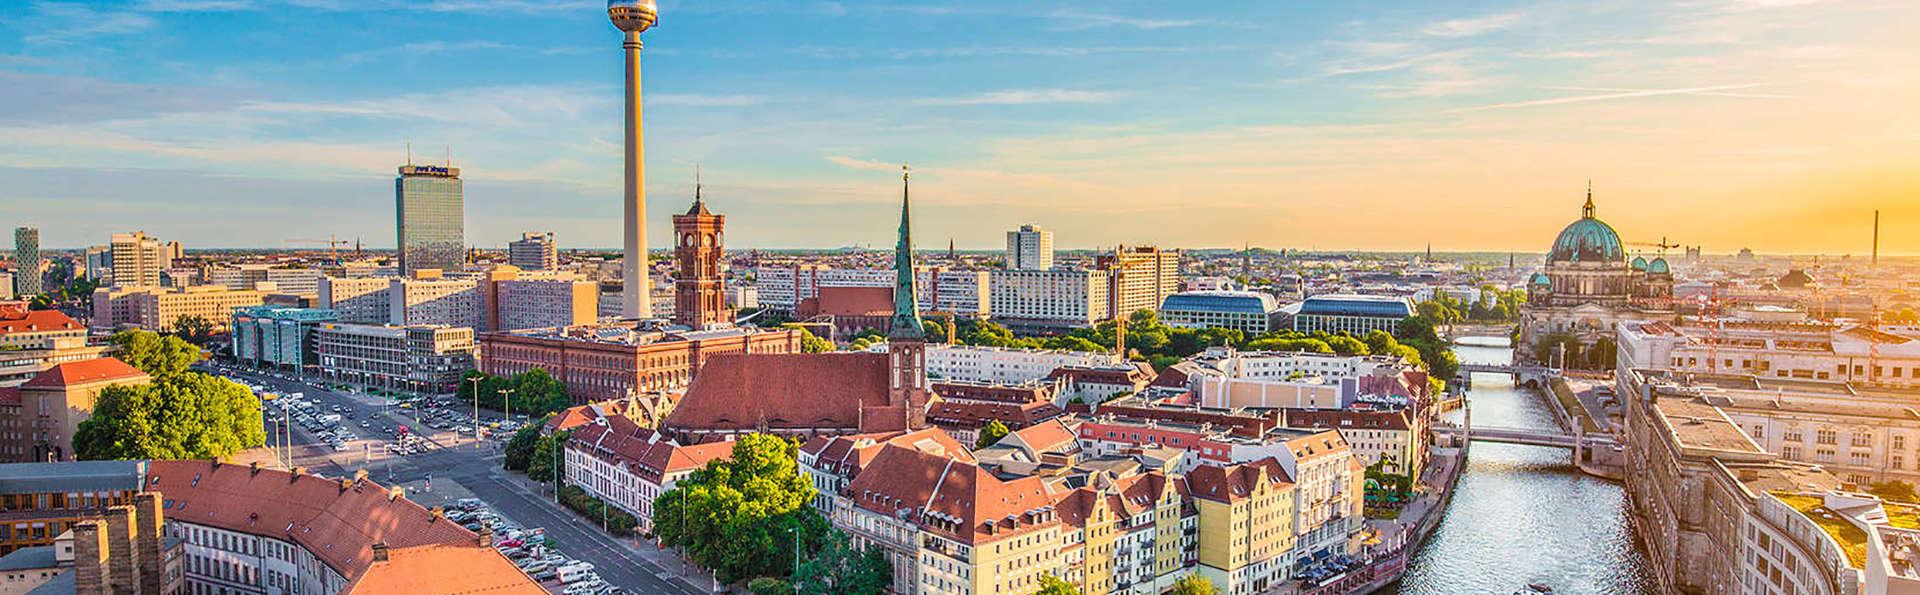 3 nuits pour le prix de 2 au coeur de l´exceptionnelle ville de Berlin